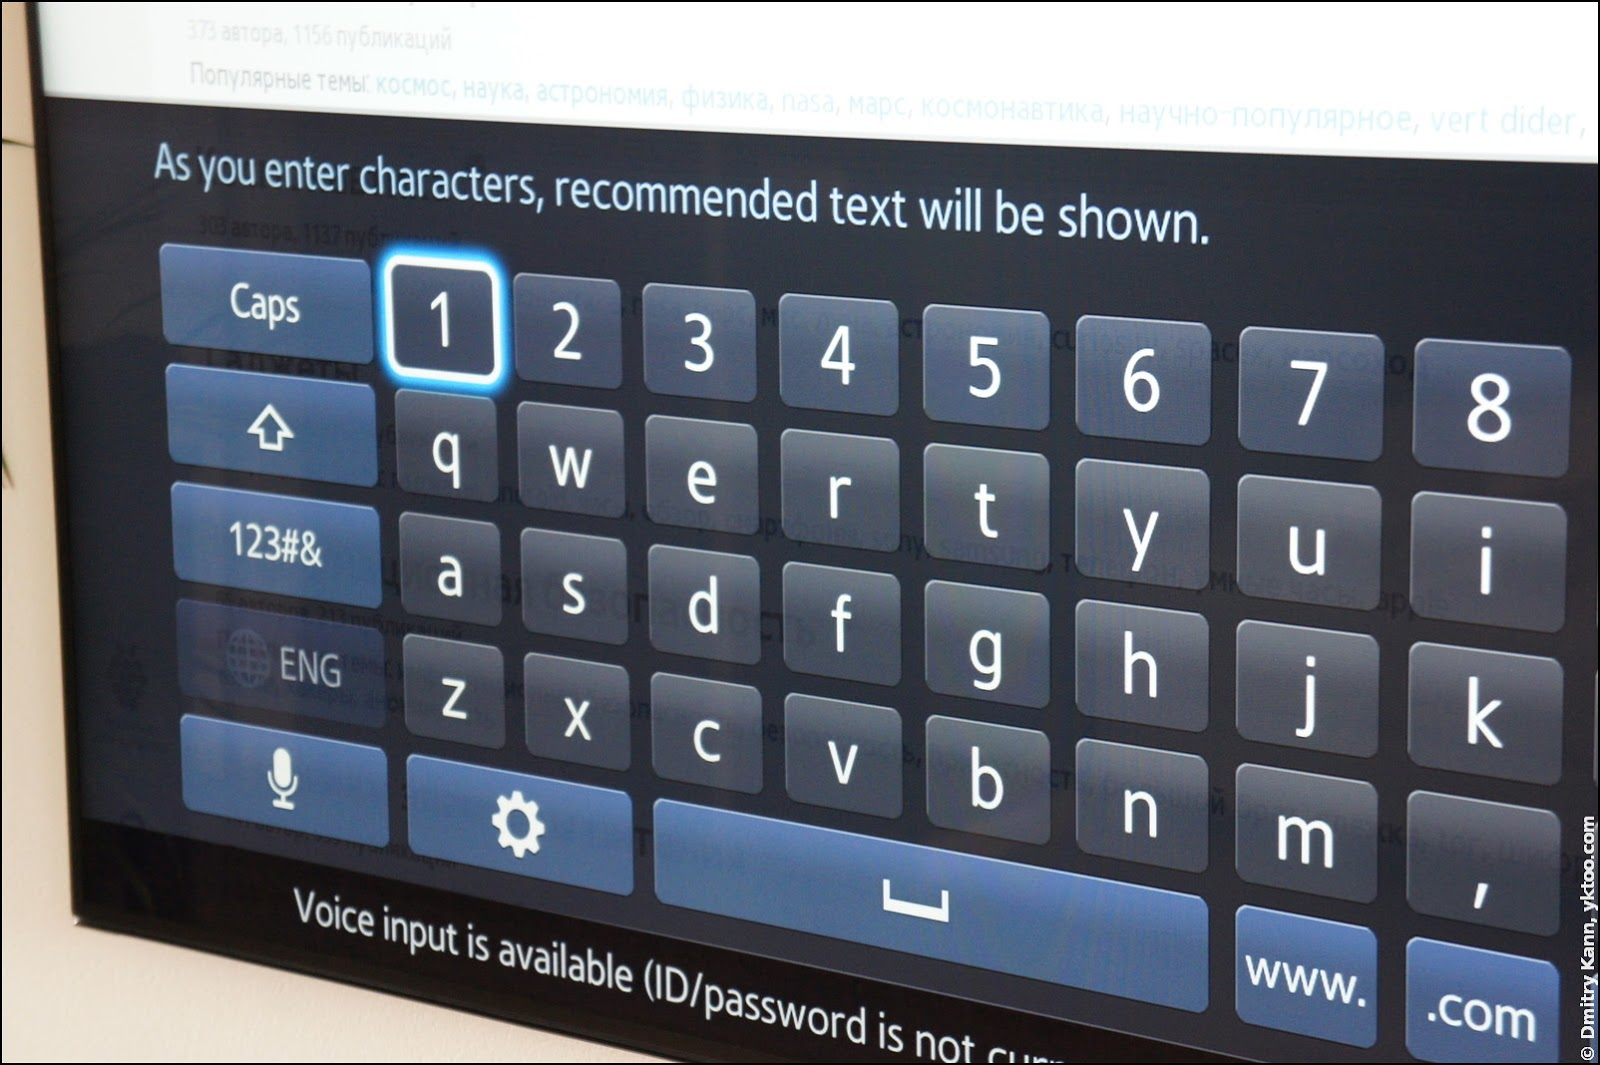 The on-screen keyboard.